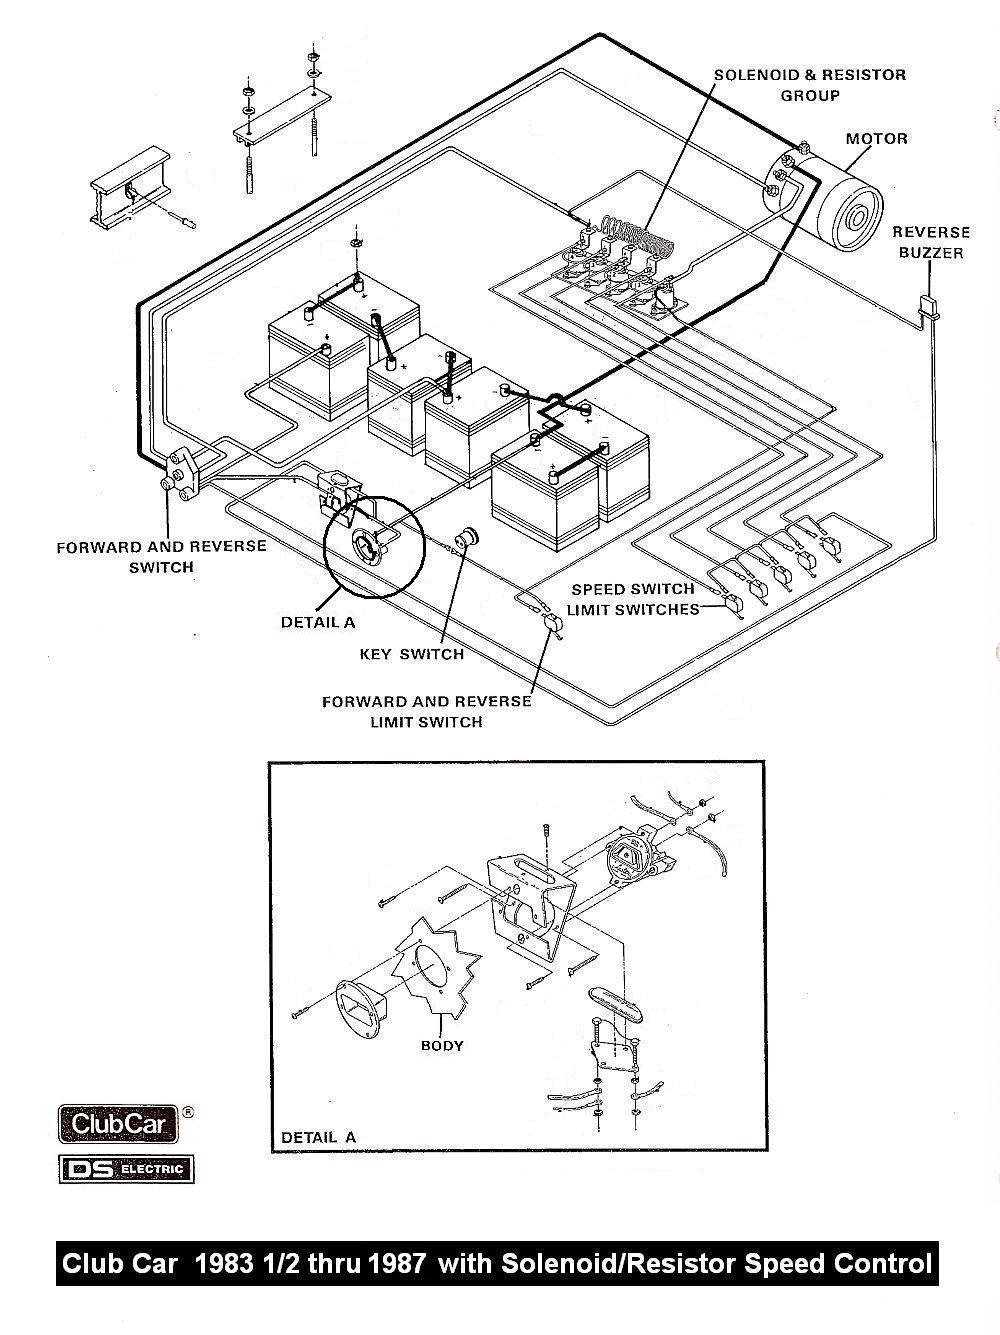 wire diagram club car headlights wiring schematic diagram 1994 Club Car Wiring Diagram wire diagram club car headlights wiring diagram detailed 1996 club car wiring diagram wire diagram club